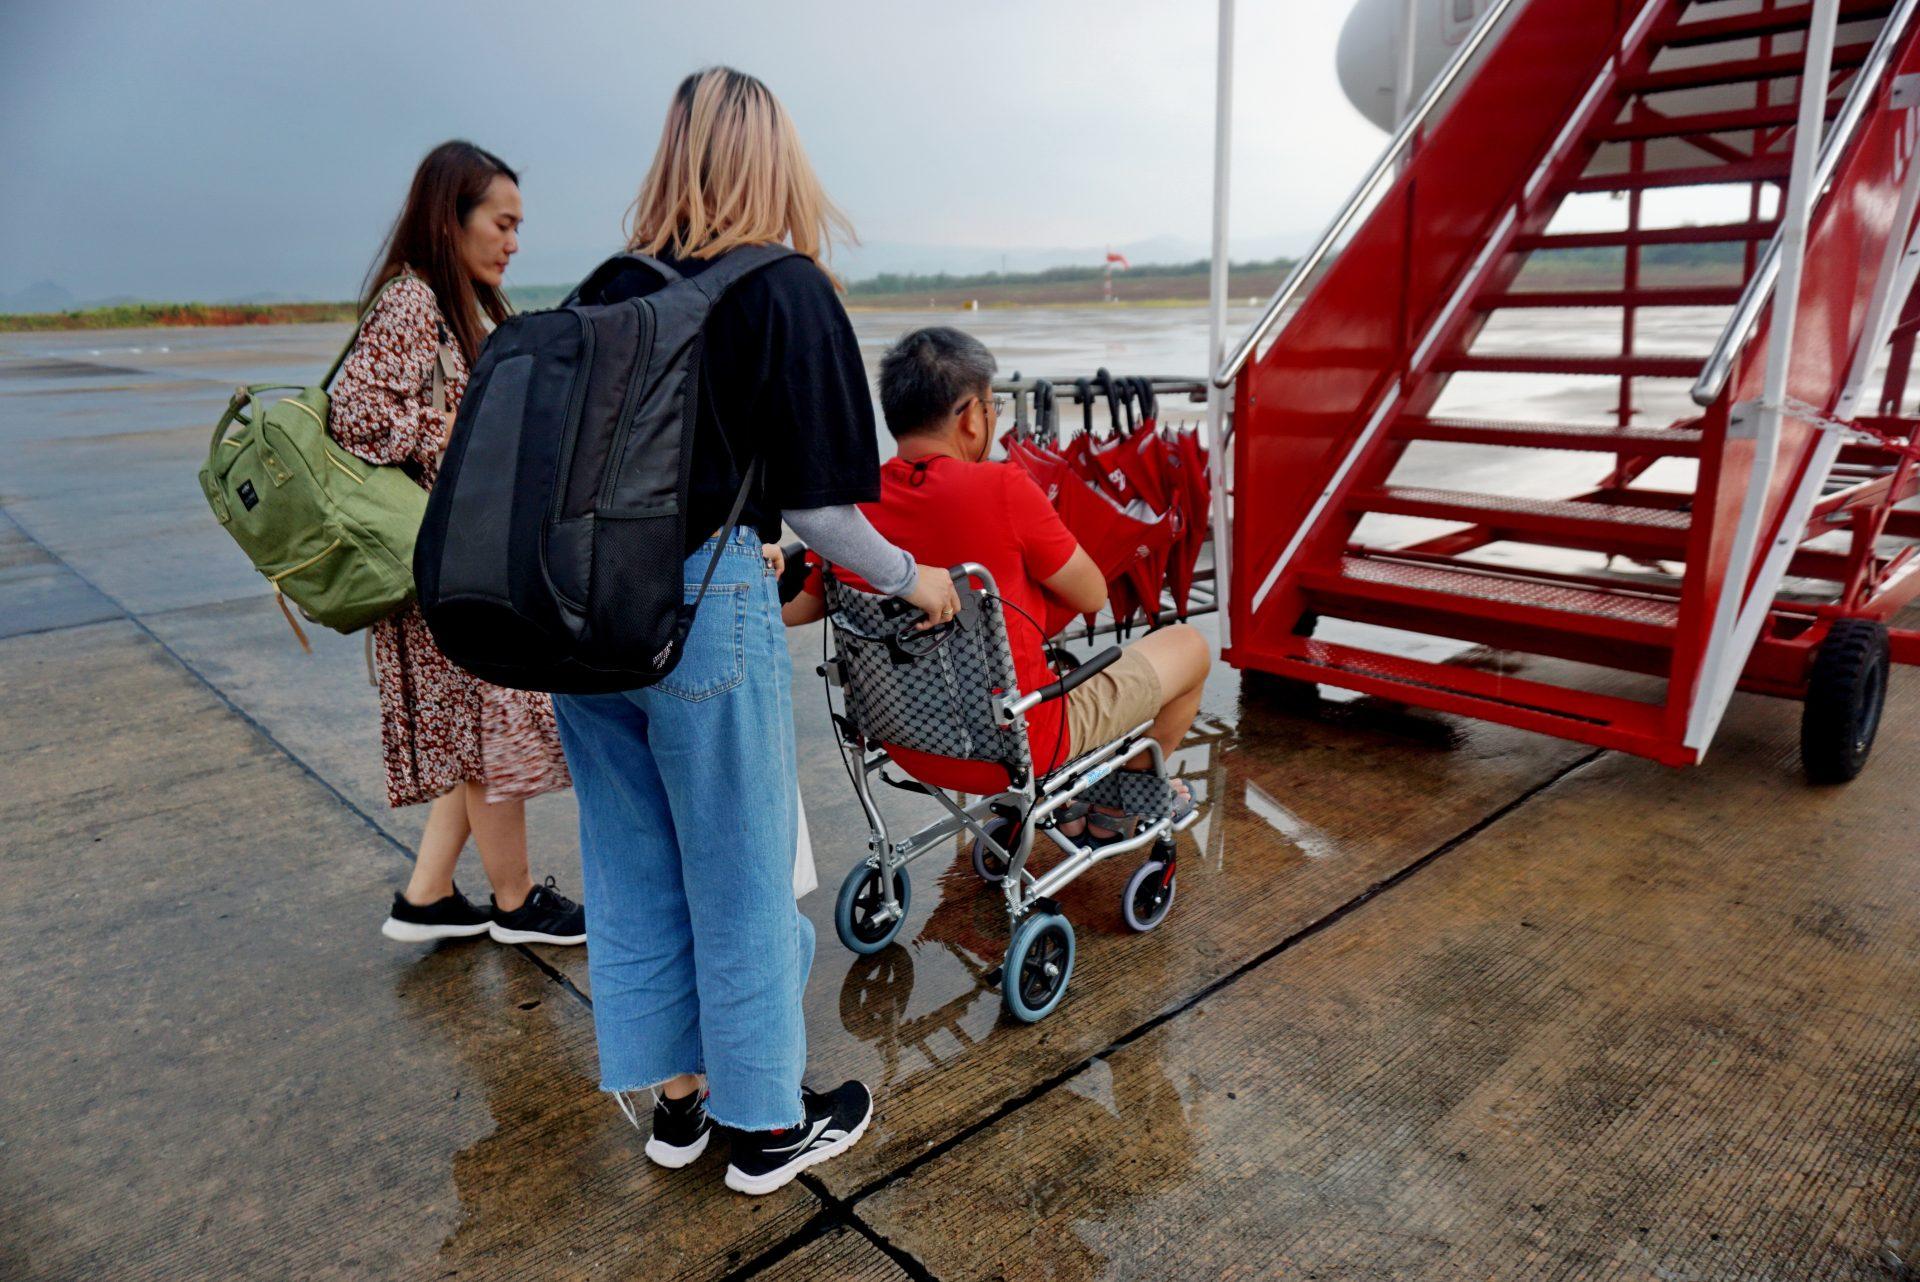 รีวิวการนำรถเข็นนั่ง (Wheelchair Manual) ขึ้นเครื่องบิน